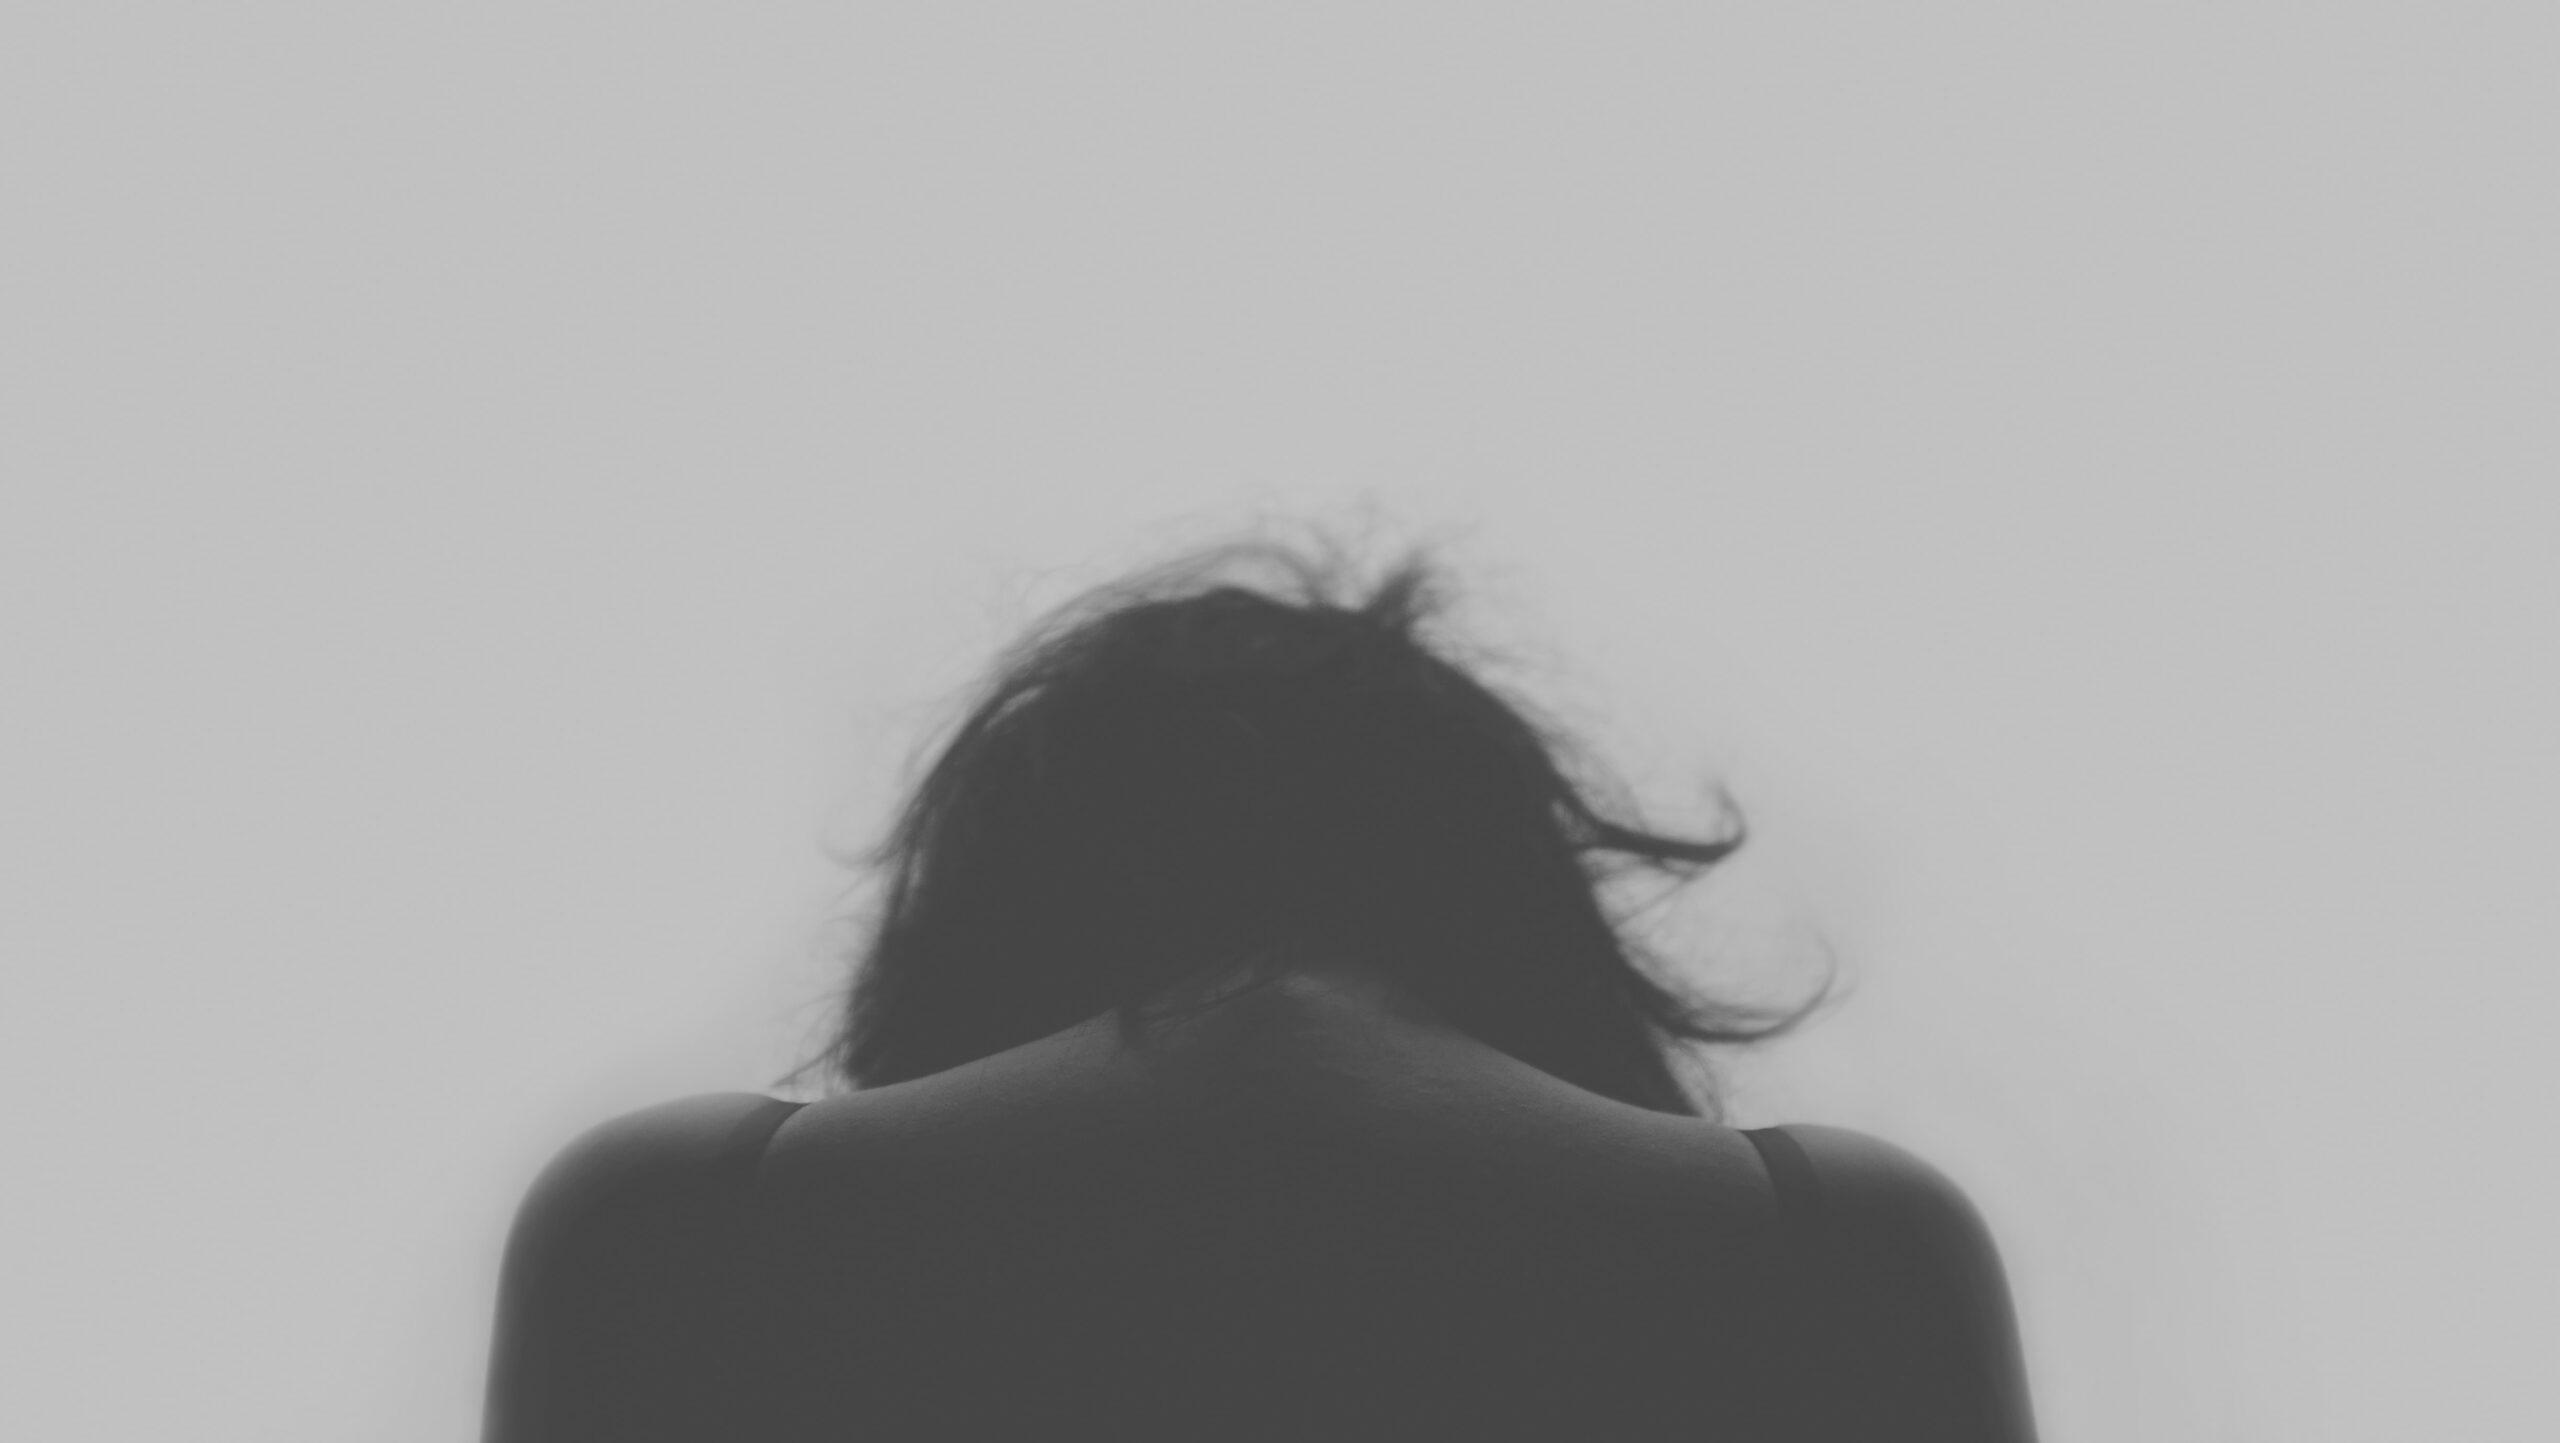 Shame and Shaming, Stigma and Stigmatizing